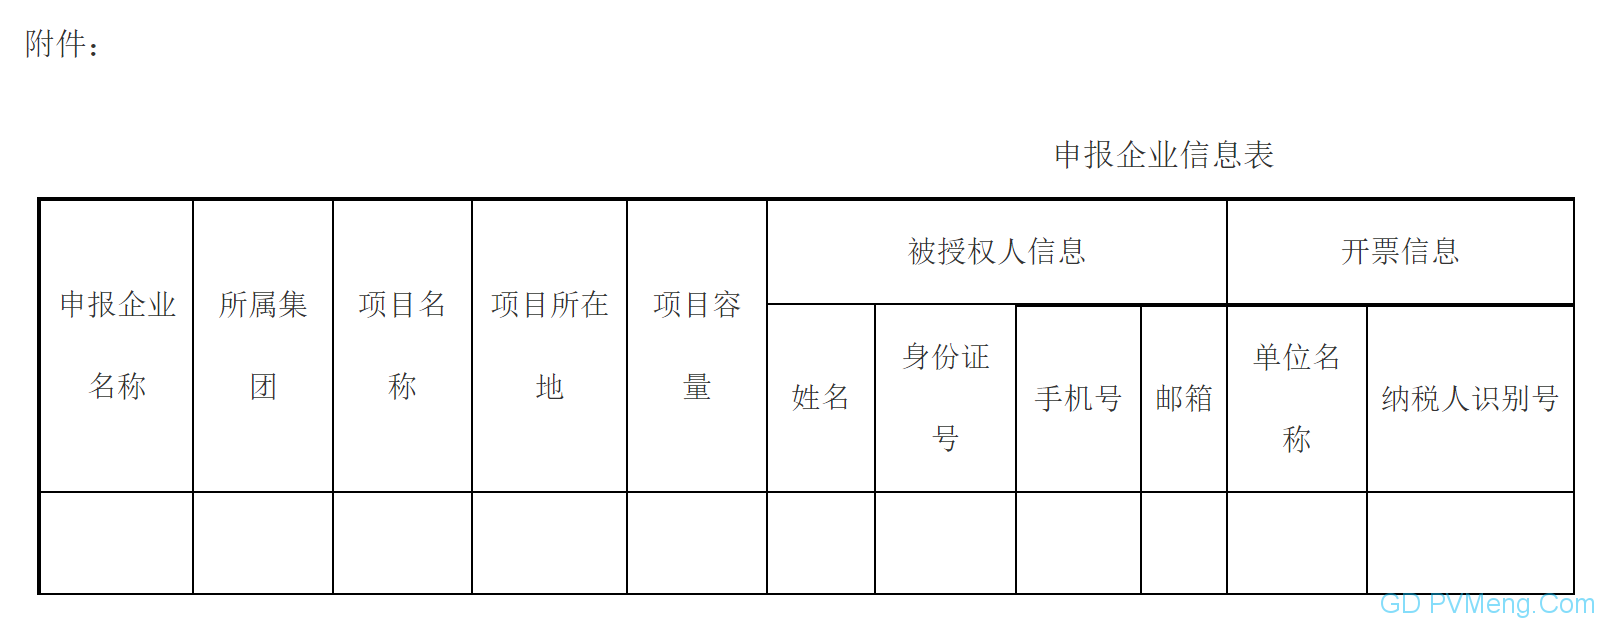 辽宁省朝阳市2021年新增风电项目竞争配置优选公告20211013